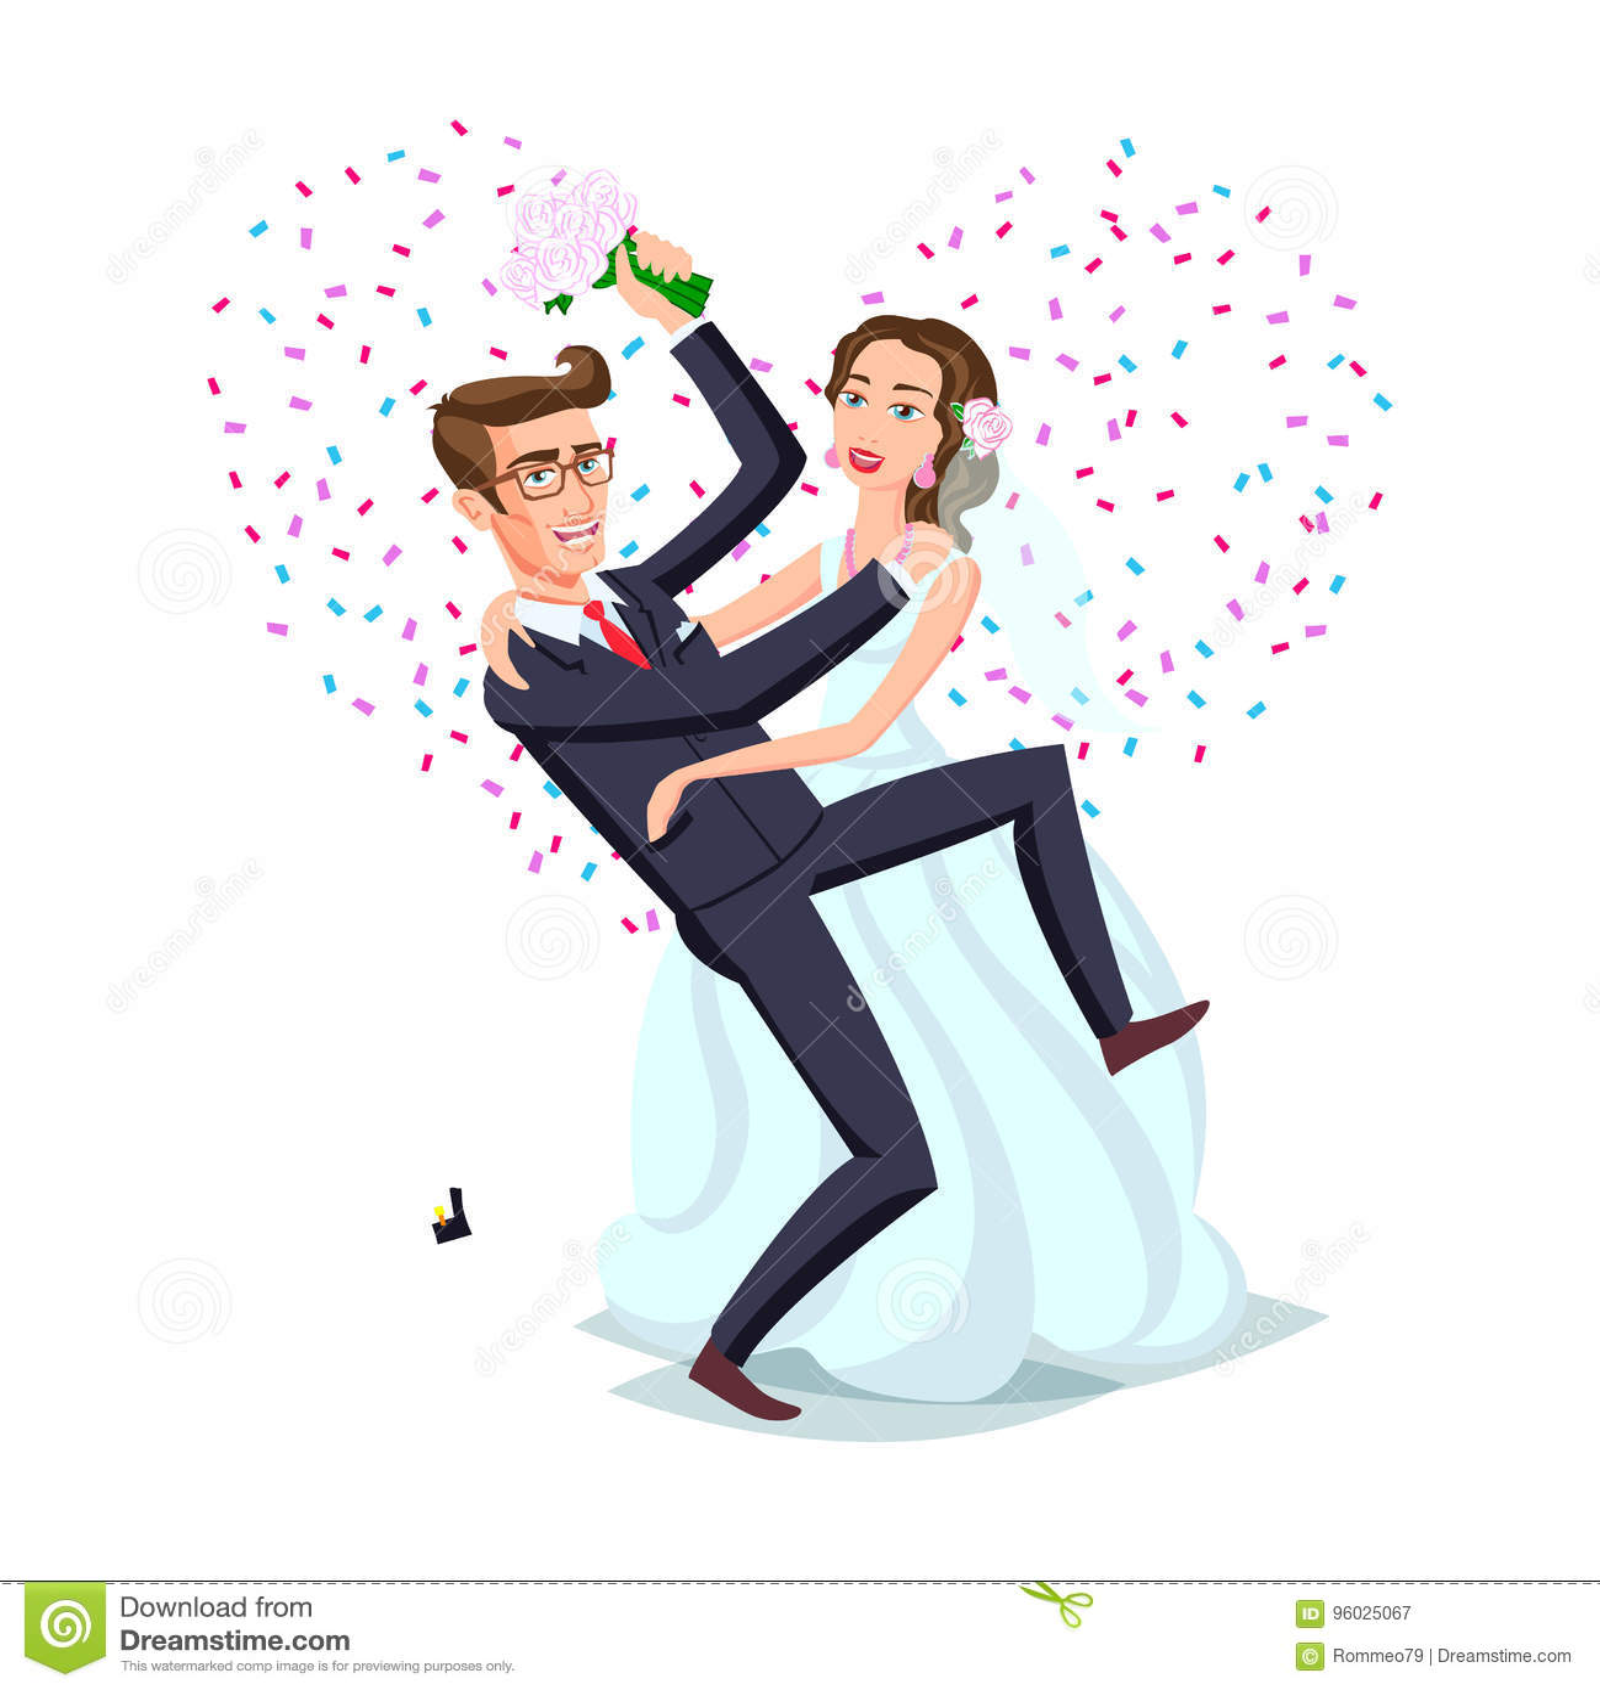 Właśnie zamężna śmieszna para, państwo młodzi taniec po od ślubnej ceremonii menchii tła serca wektoru